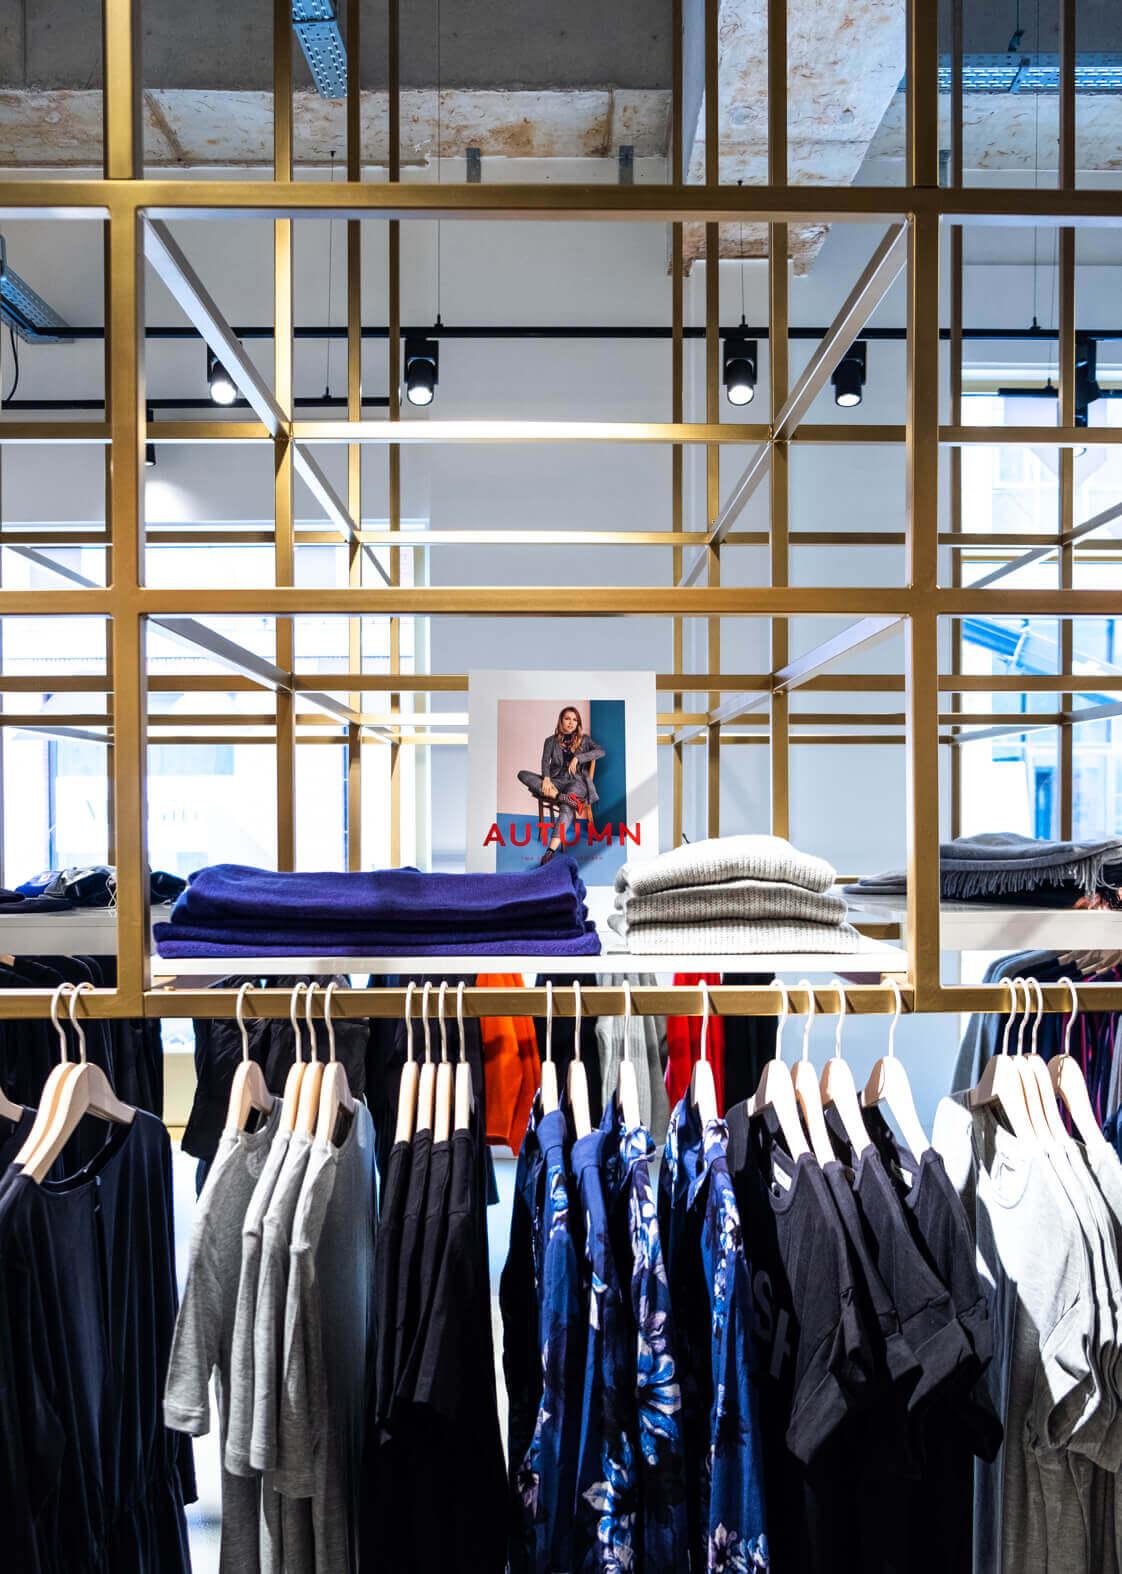 House of Lena kleding aan het design rek in de winkel